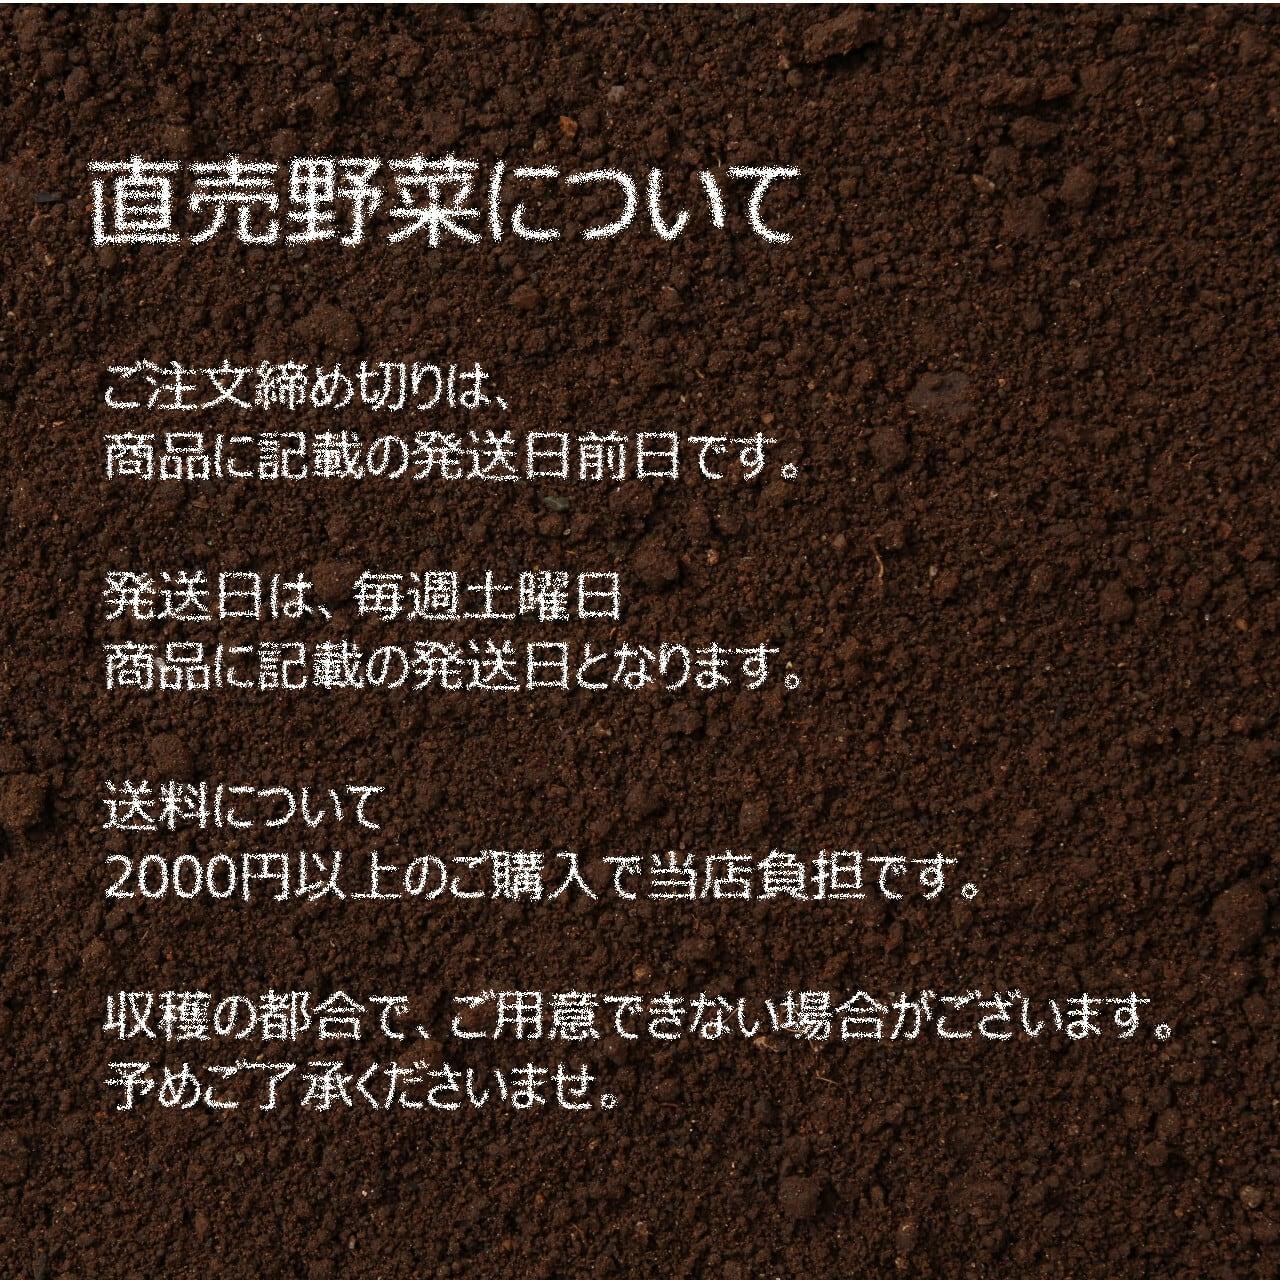 ニラ 約150g : 6月の朝採り直売野菜 春の新鮮野菜 6月19日発送予定